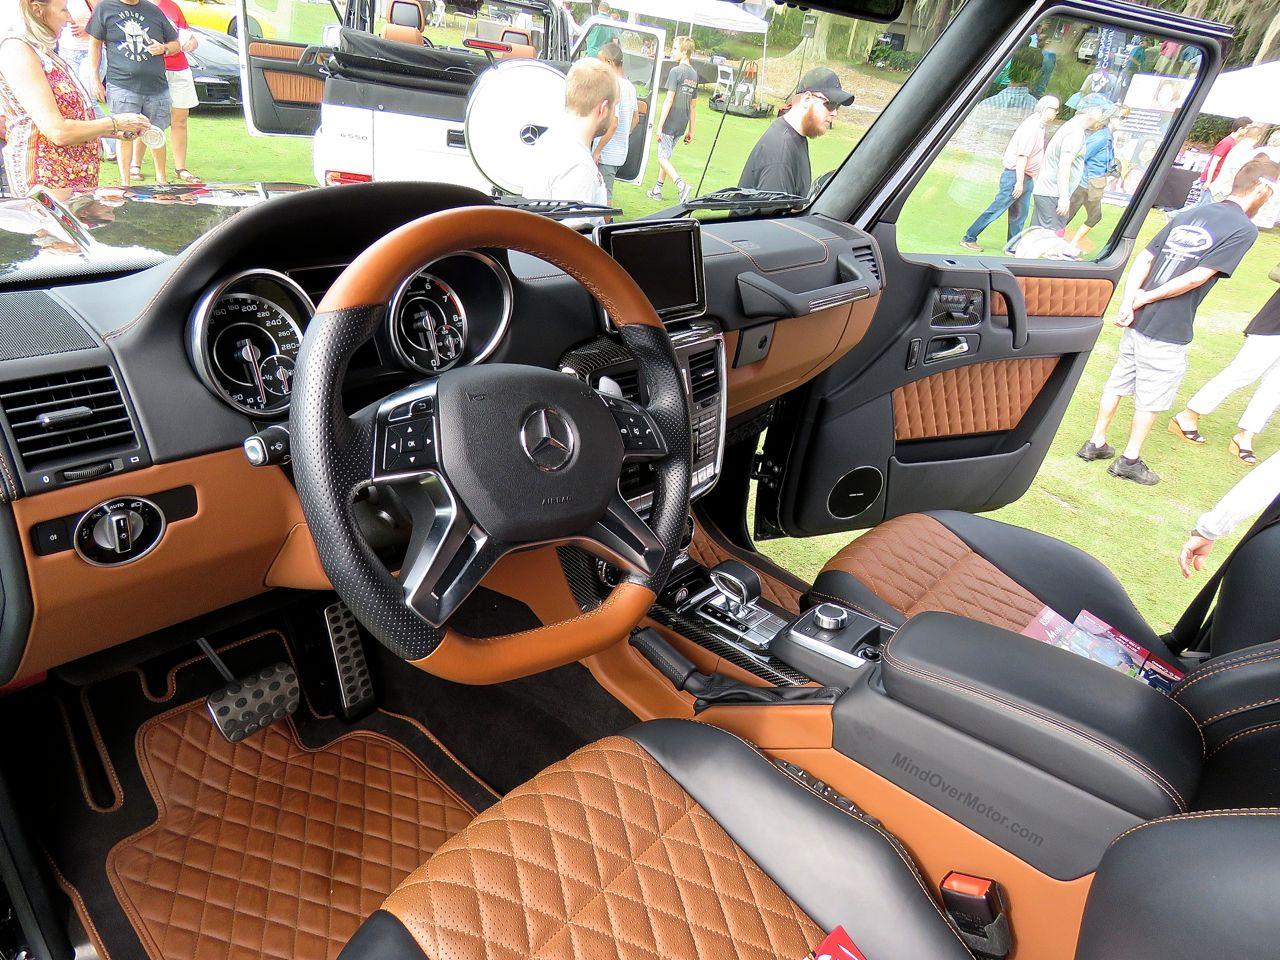 Mercedes G63 AMG 6x6 Amelia Island 2